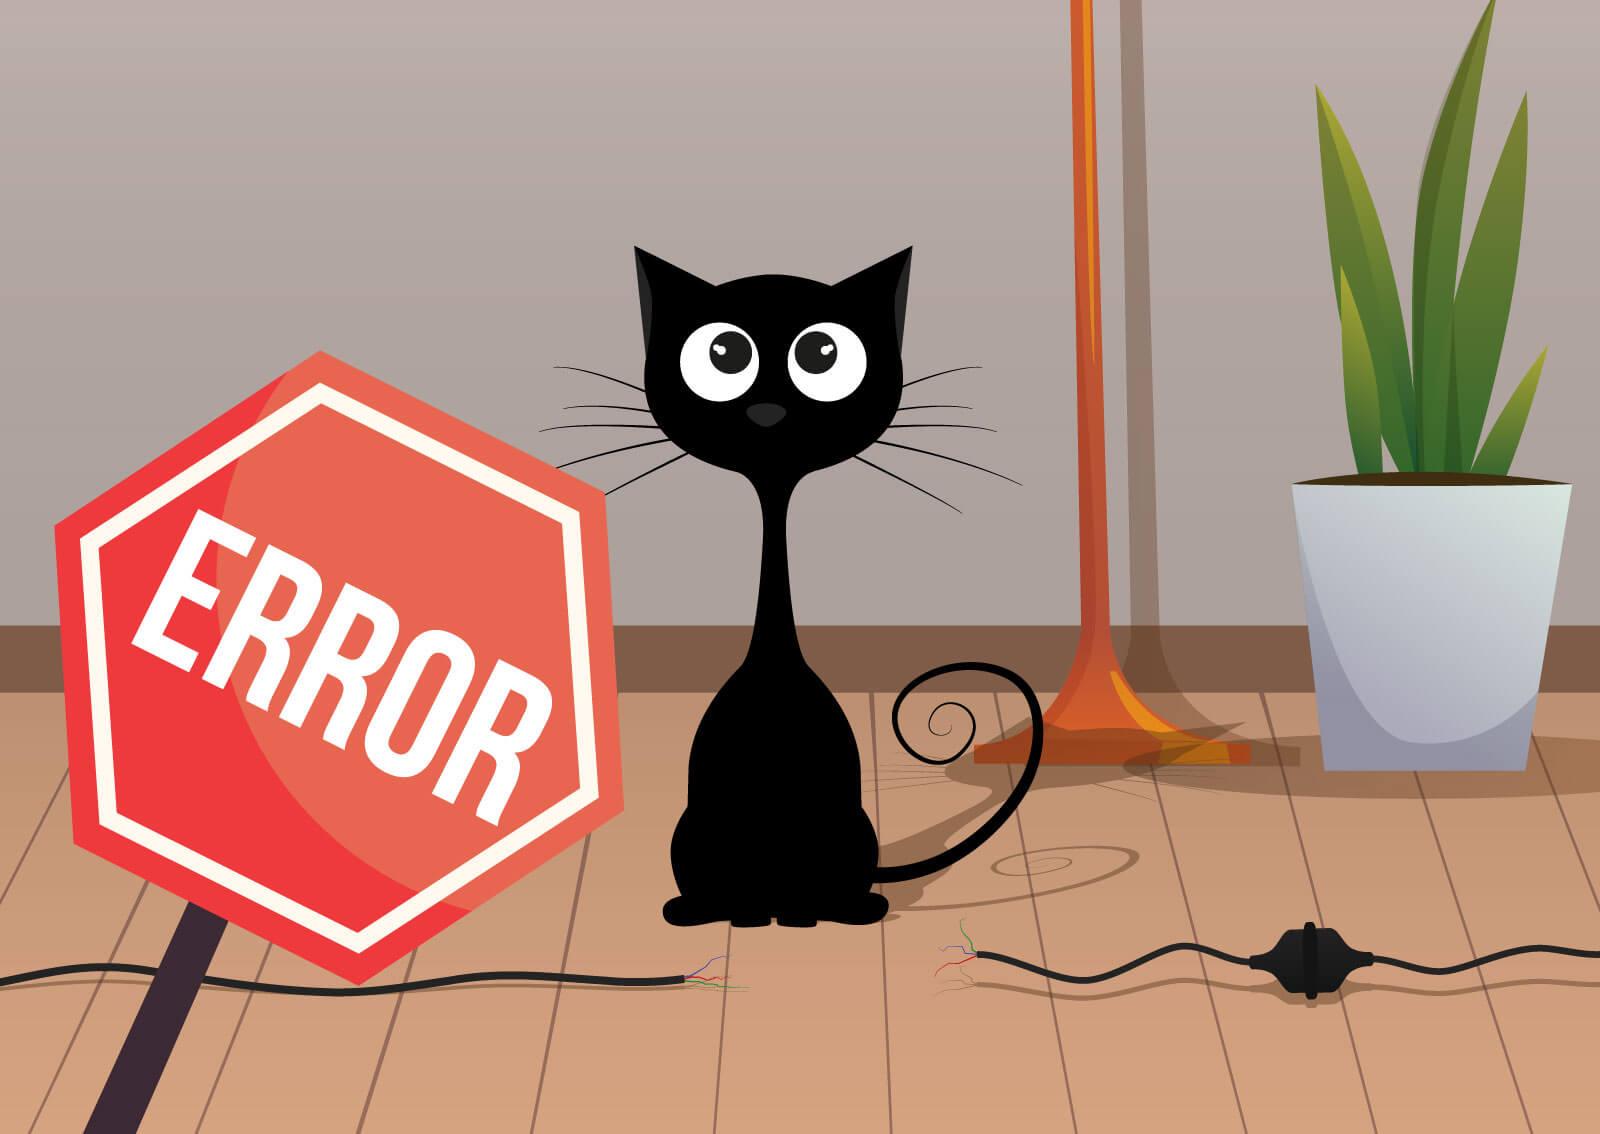 Ilustracija mačke koja je pregrizla kablove tako da društvene mrže više ne rade.